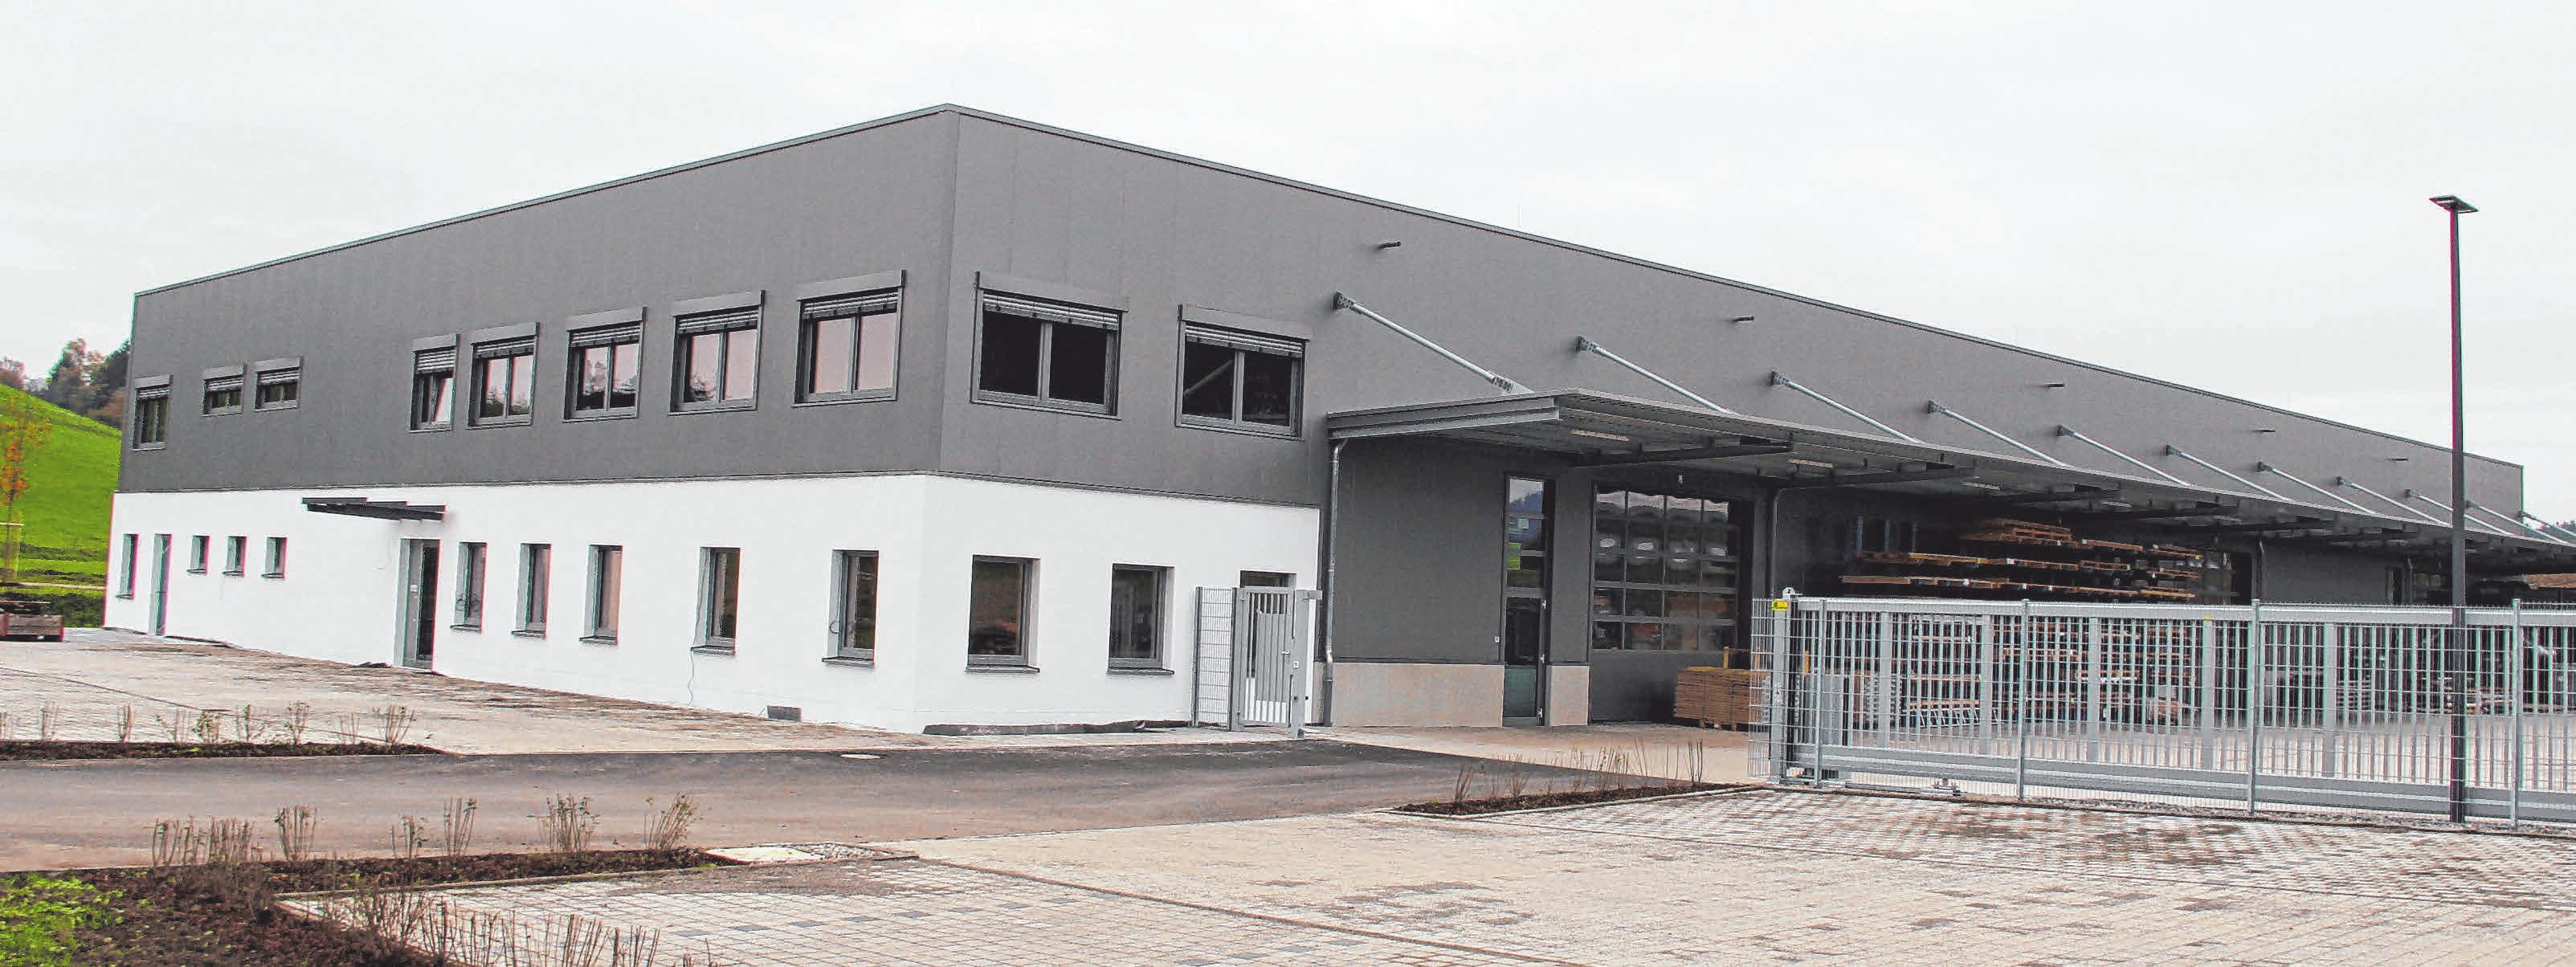 Seit der Gründung im Jahr 2011 ist die Blechbearbeitungsfirma stetig gewachsen und hat sich nun auch am neuen Standort flächentechnisch vergrößert. FOTO: M.KAESS